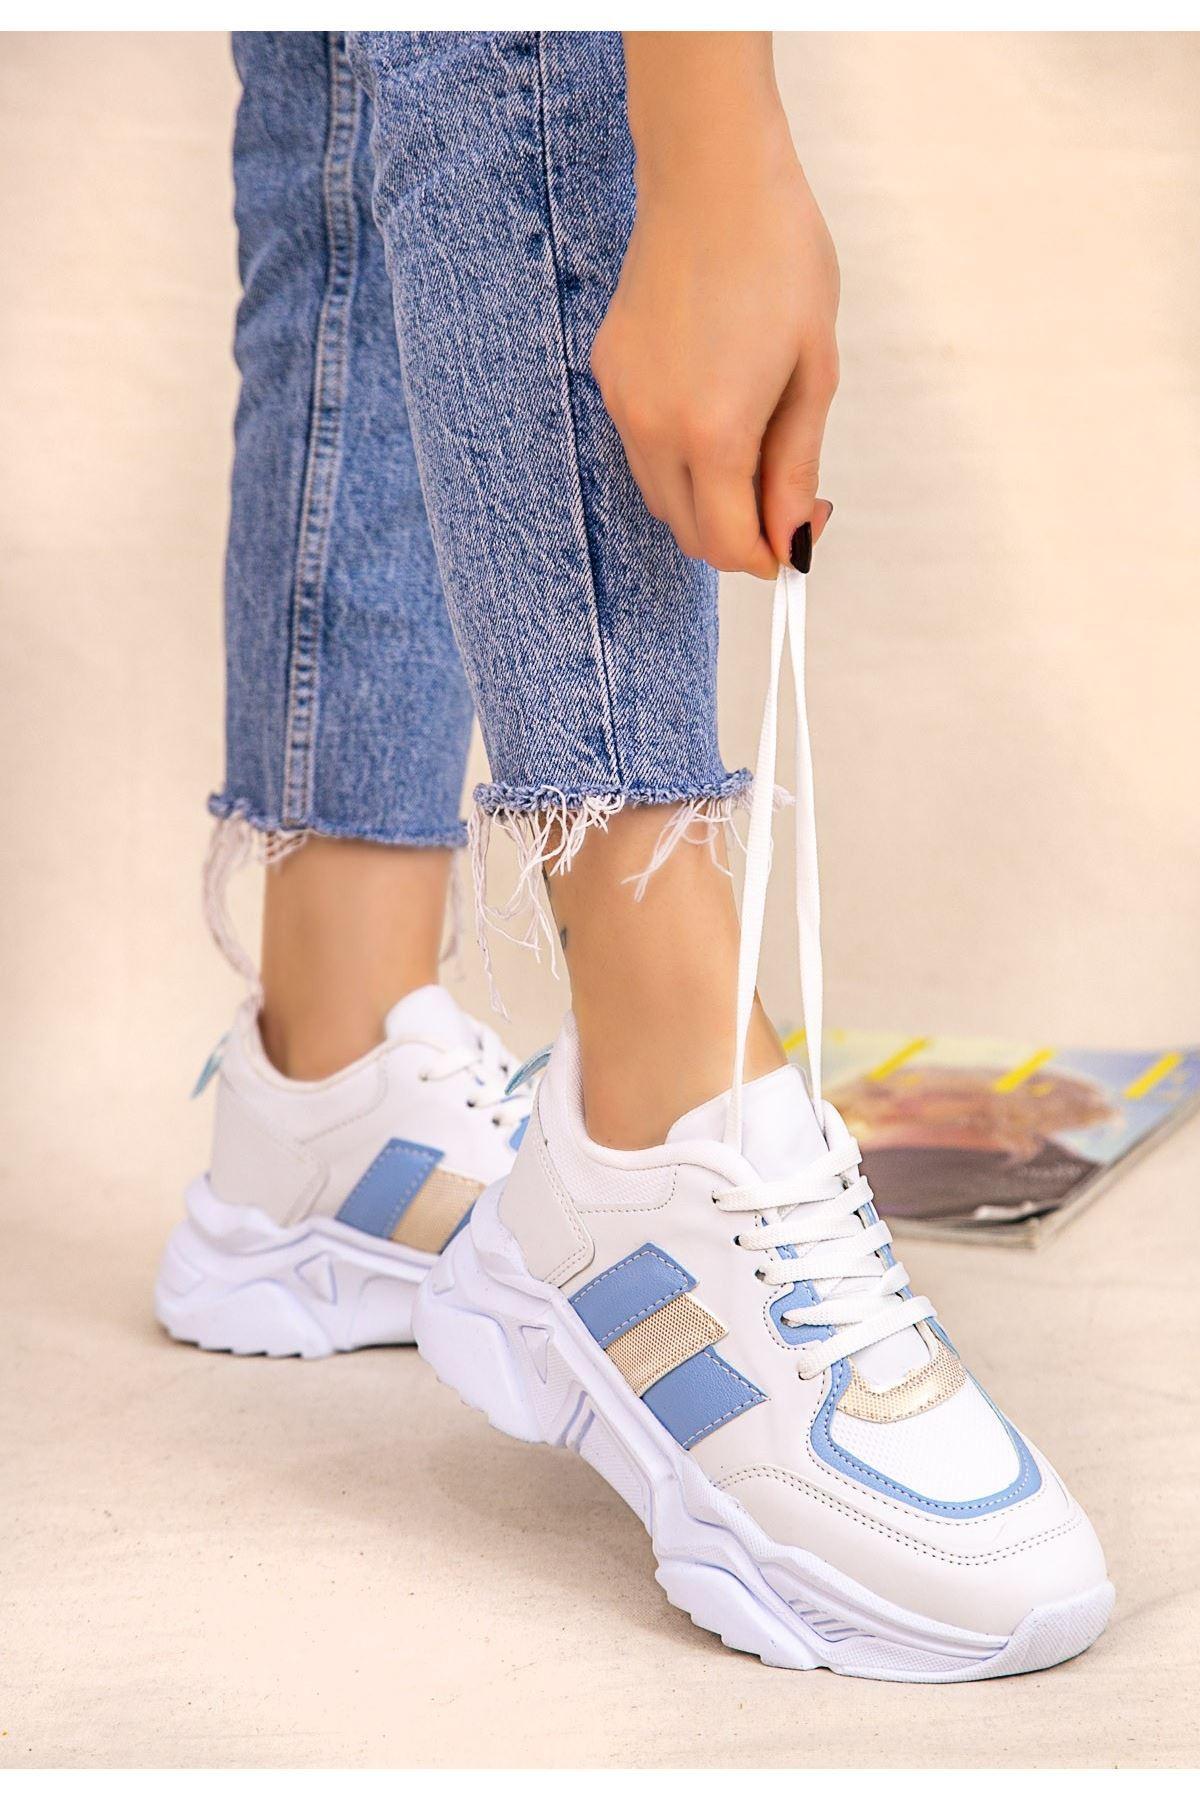 Guldy Beyaz Cilt Bebe Mavisi Detaylı Ayakkabı